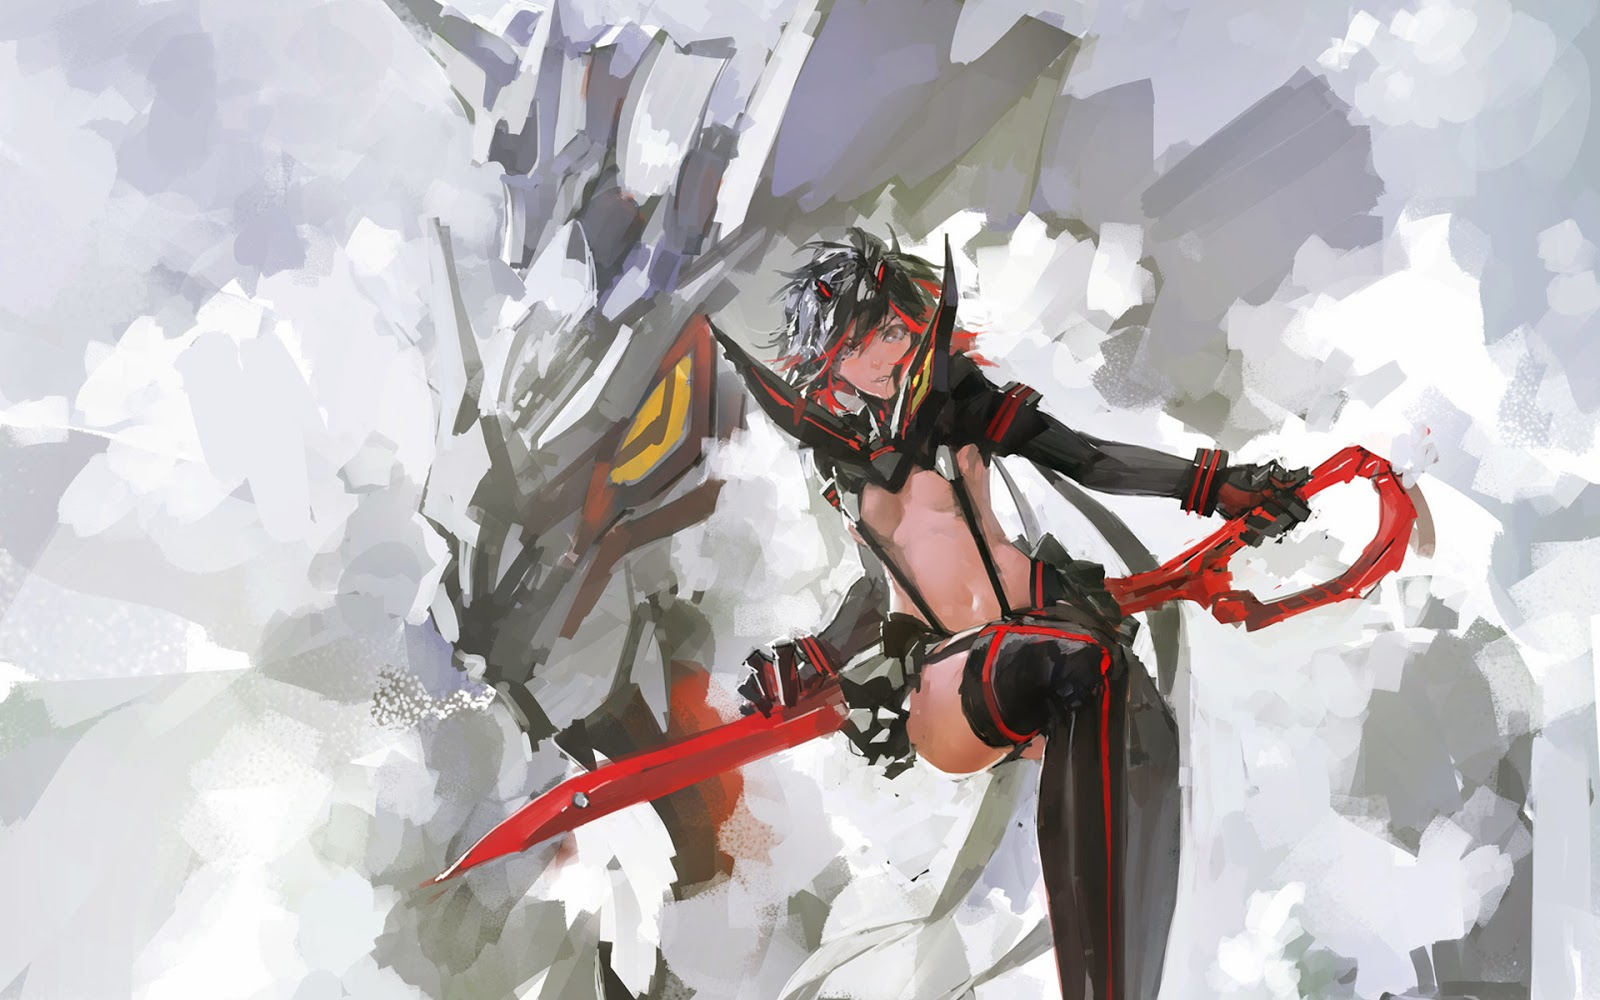 ryuko matoi anime girl kill la kill hd wallpaper image picture 1600x1000